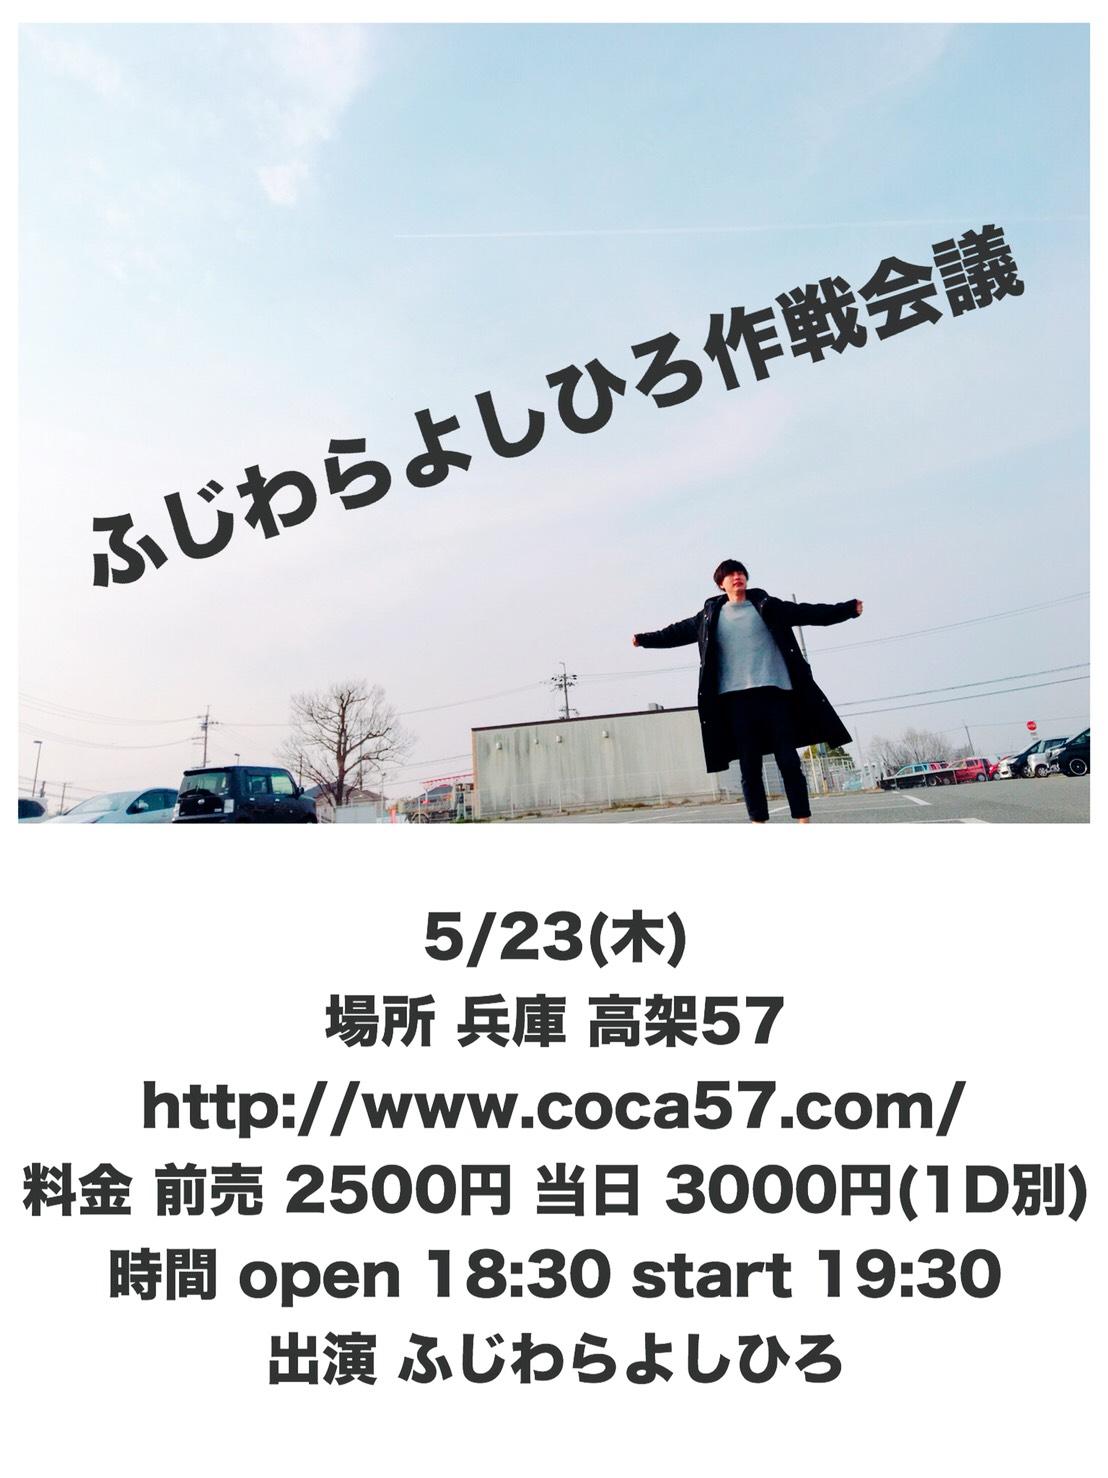 ふじわらよしひろの「23計画Ⅱ」18時30分開場